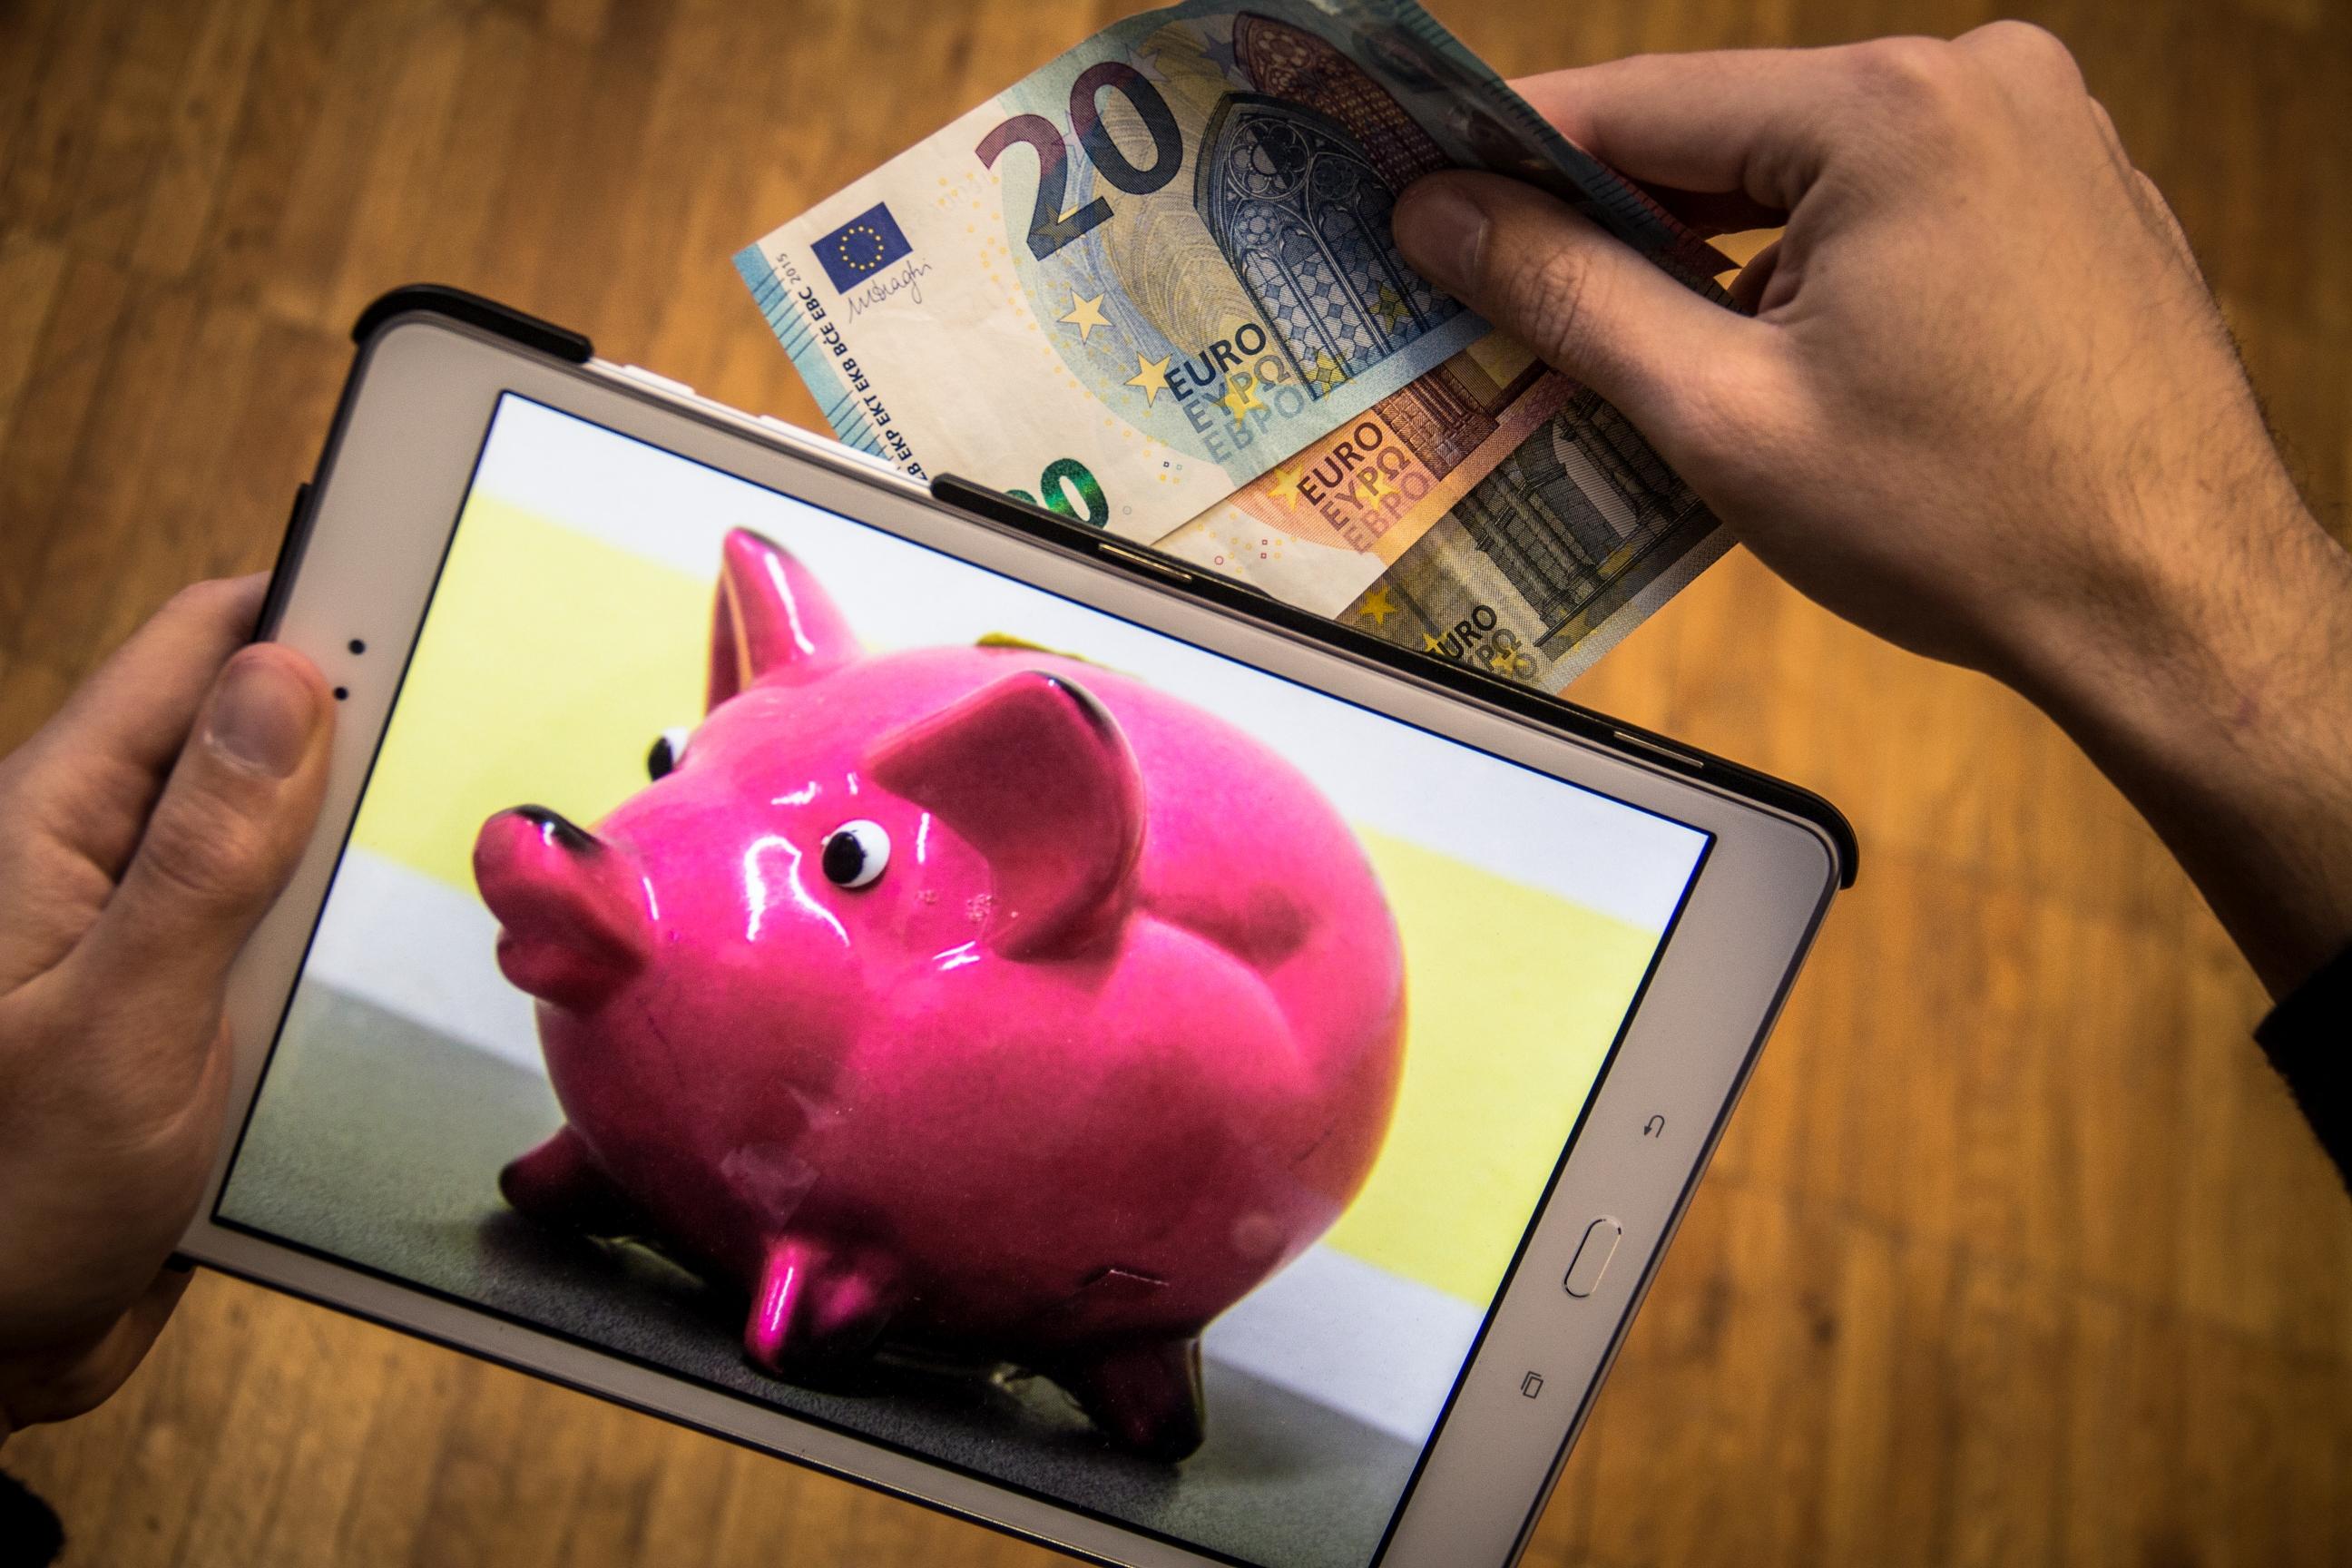 Auf einem Tablet ist ein Sparschwein abgebildet. Eine Hand steckt Geldscheine in das Sparschwein.